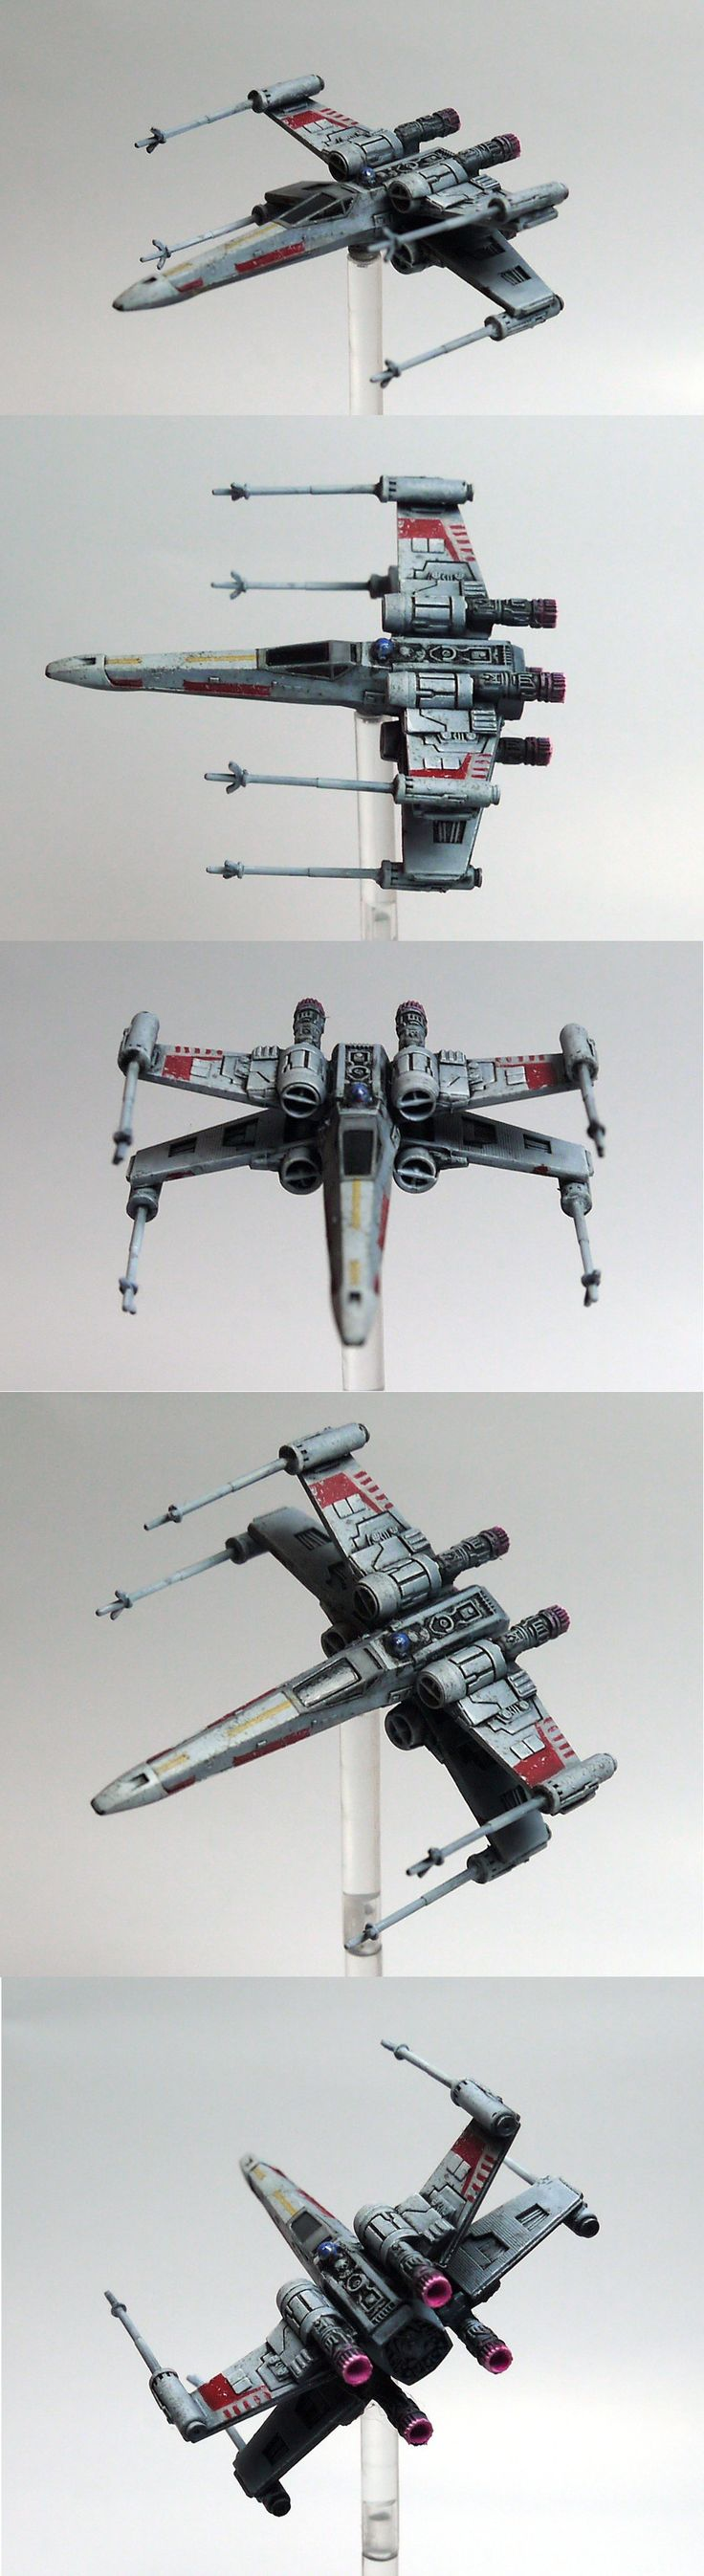 Luke Skywalker Red 5 X-Wing